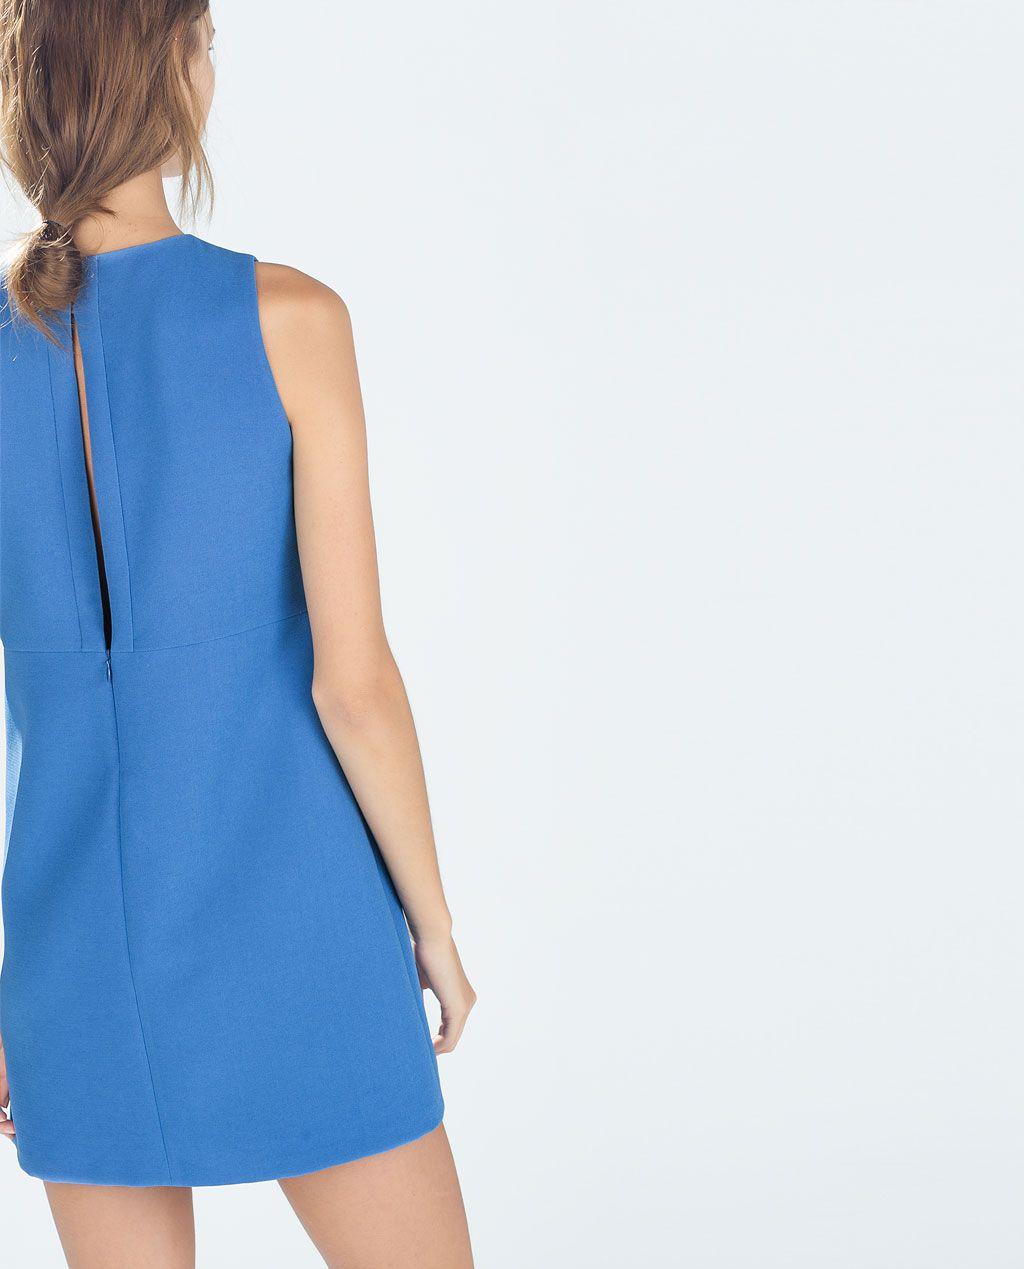 Catálogo Zara Trafaluc - Vestido color azul